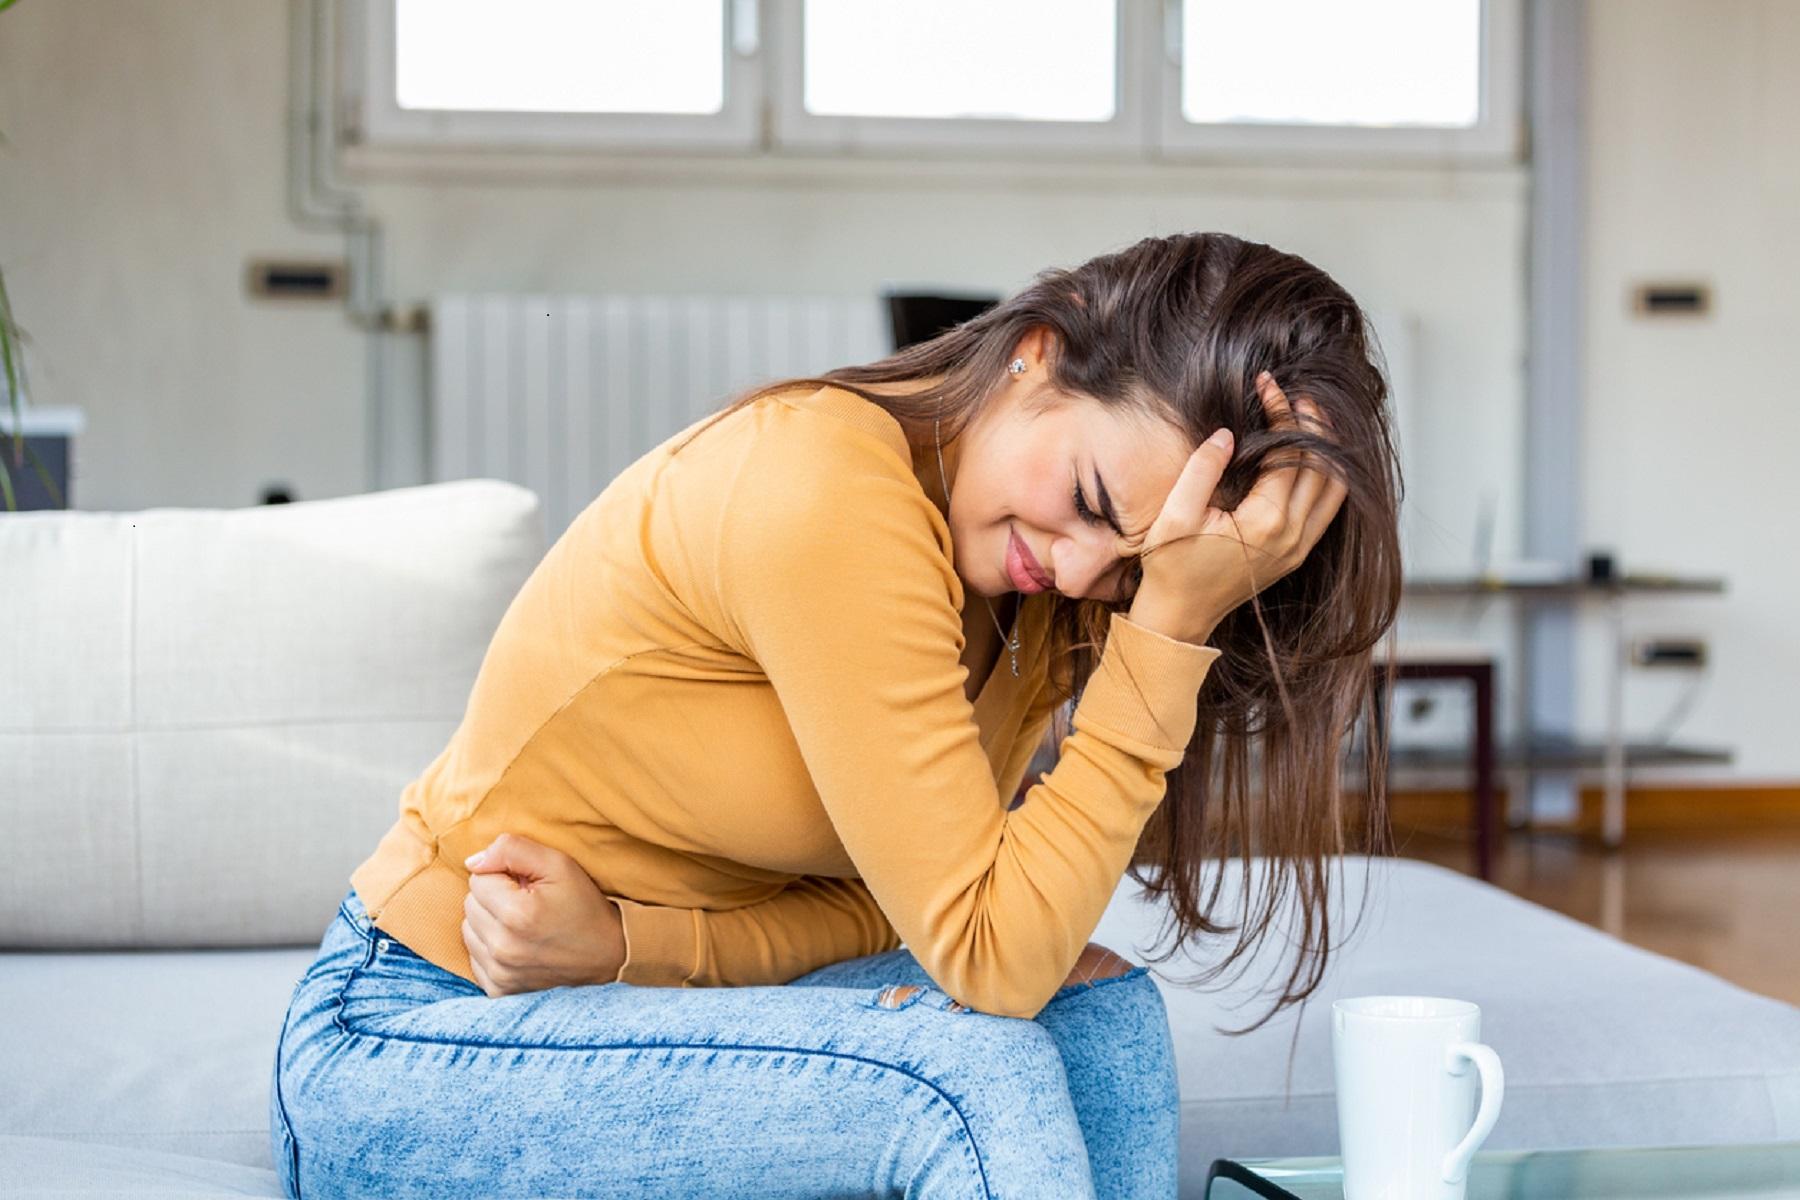 Αίσθημα Κάψιμο: Κορυφαίος Διατροφολόγος παρέχει συμβουλές για την καούρα